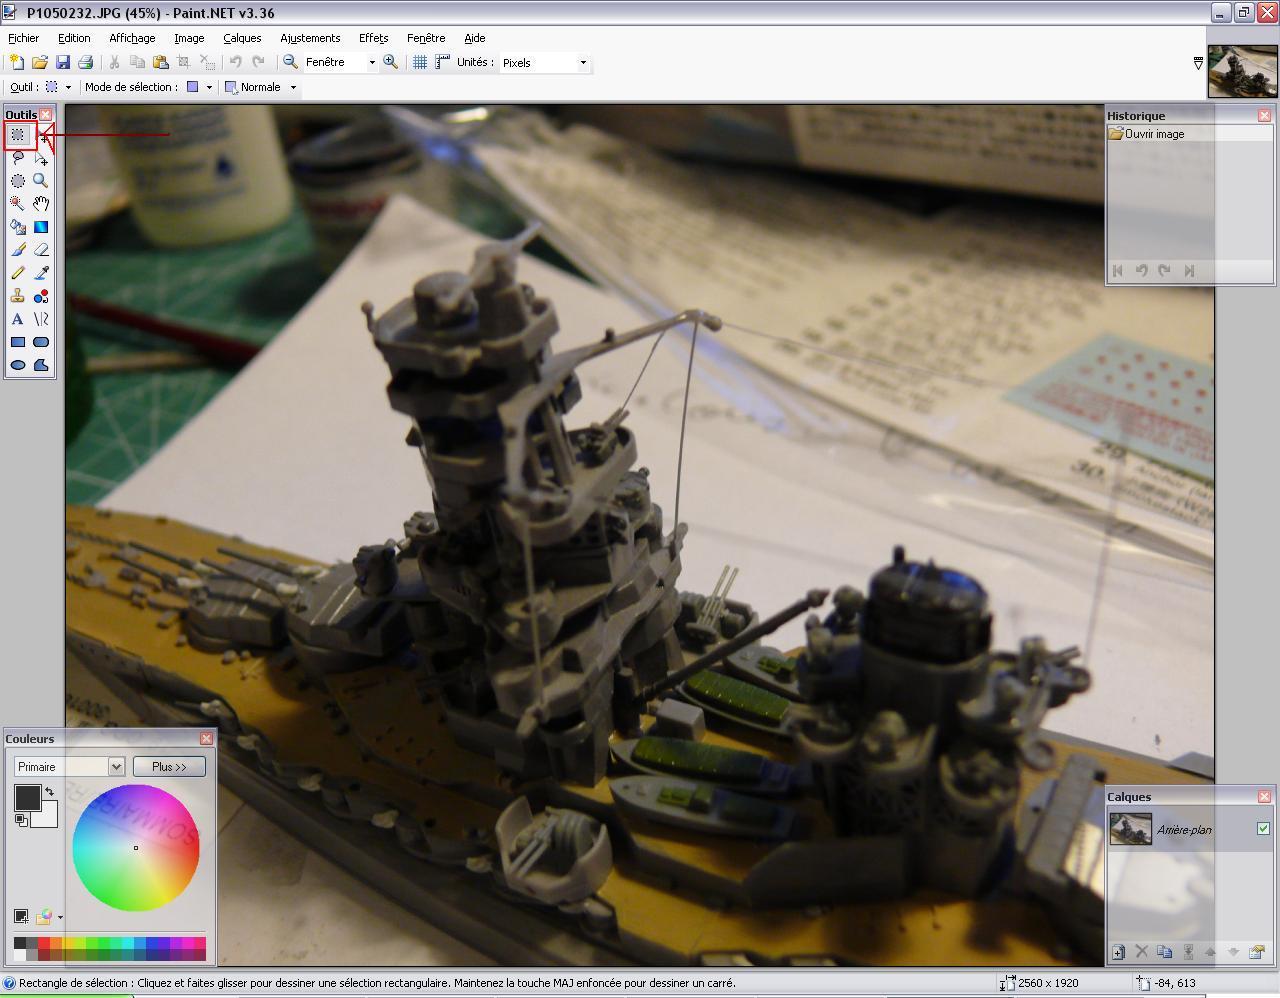 paint*[/url - TUTO : Comment réduire une photo pour le forum avec paint.net Paintn11